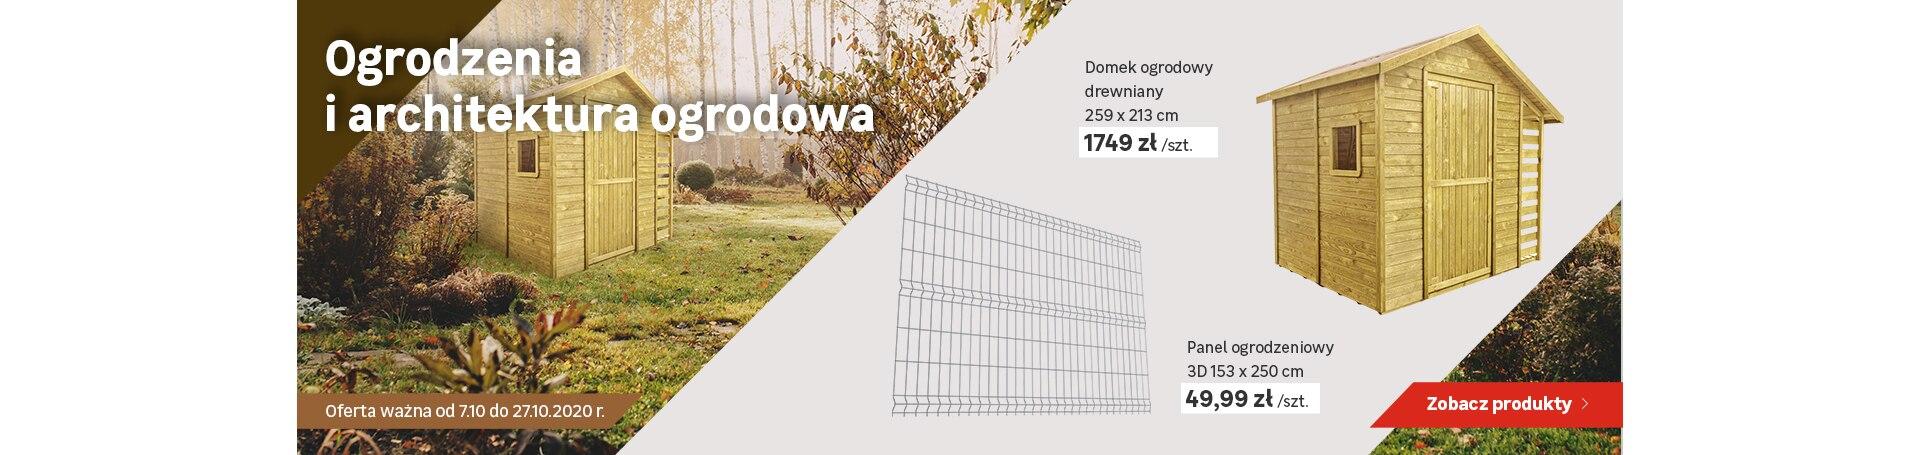 rr-OGRODZENIA-19-27.10.2020-1323x455